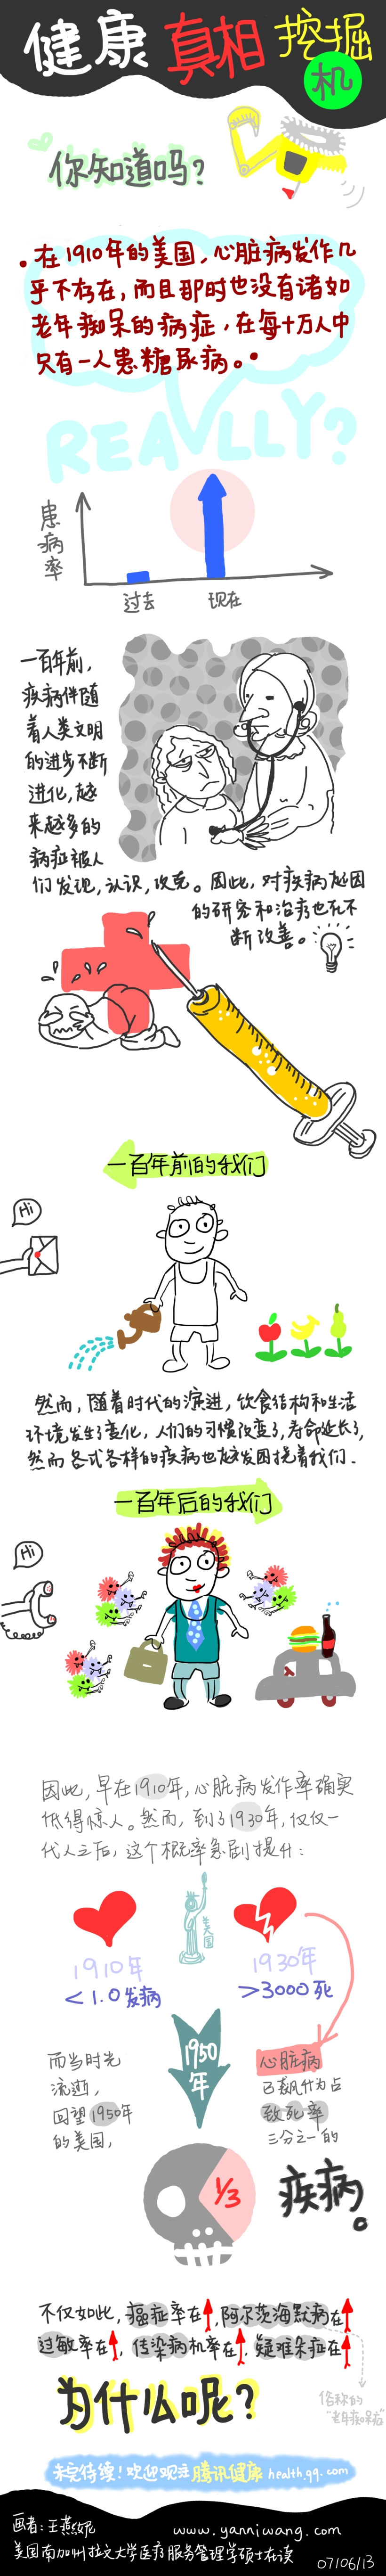 健康真相挖掘机_疾病发展的原因(上)_王燕妮